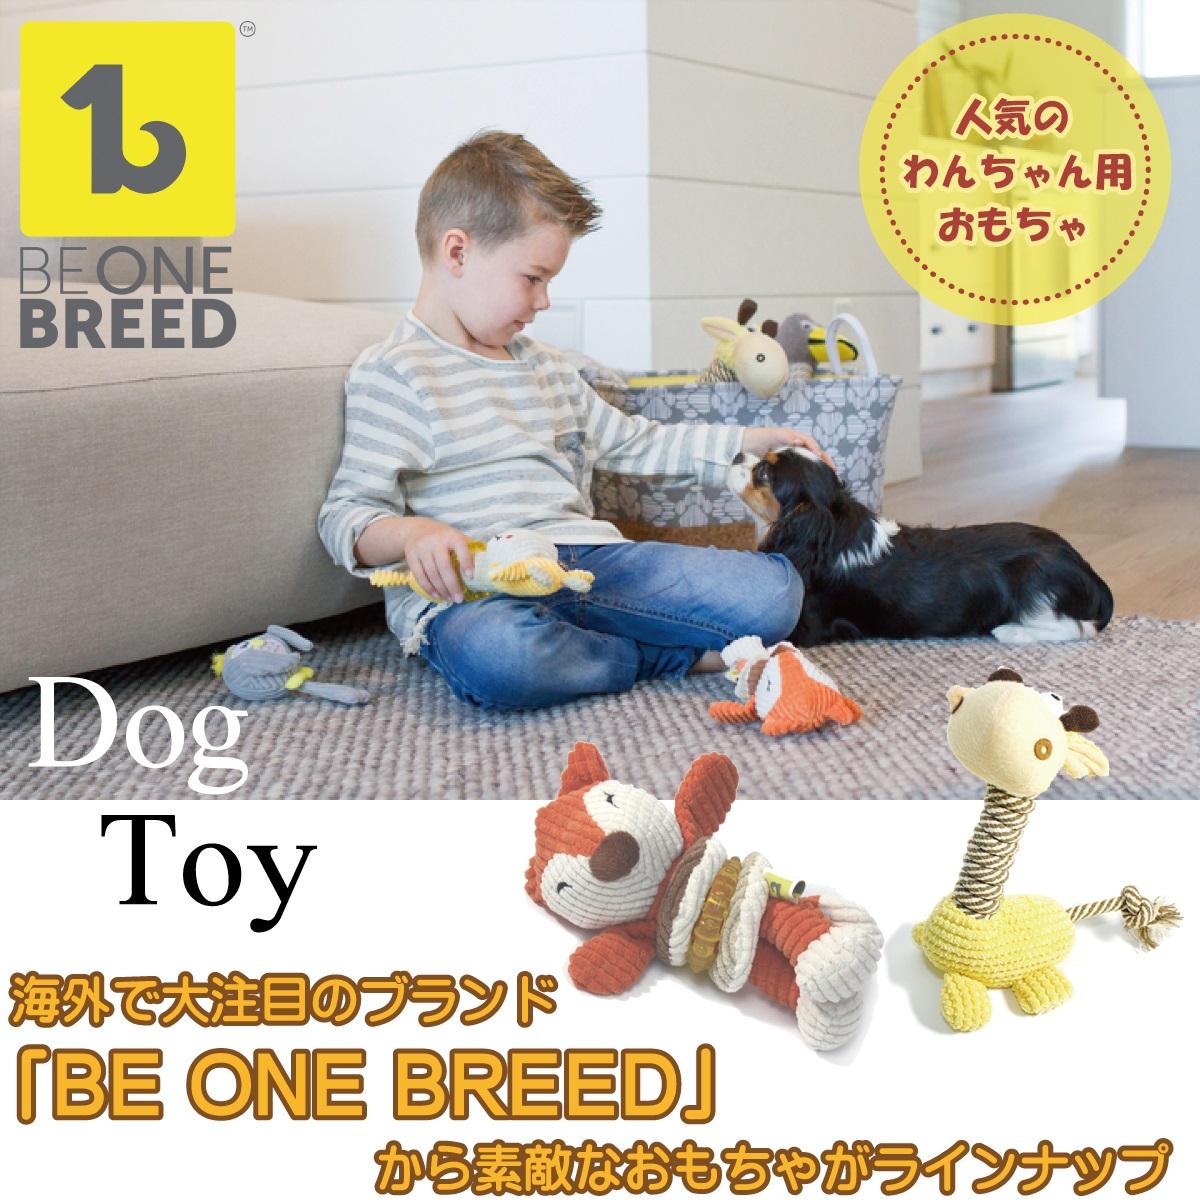 海外で大注目のブランド「BE ONE BREED」から素敵なおもちゃがラインナップ